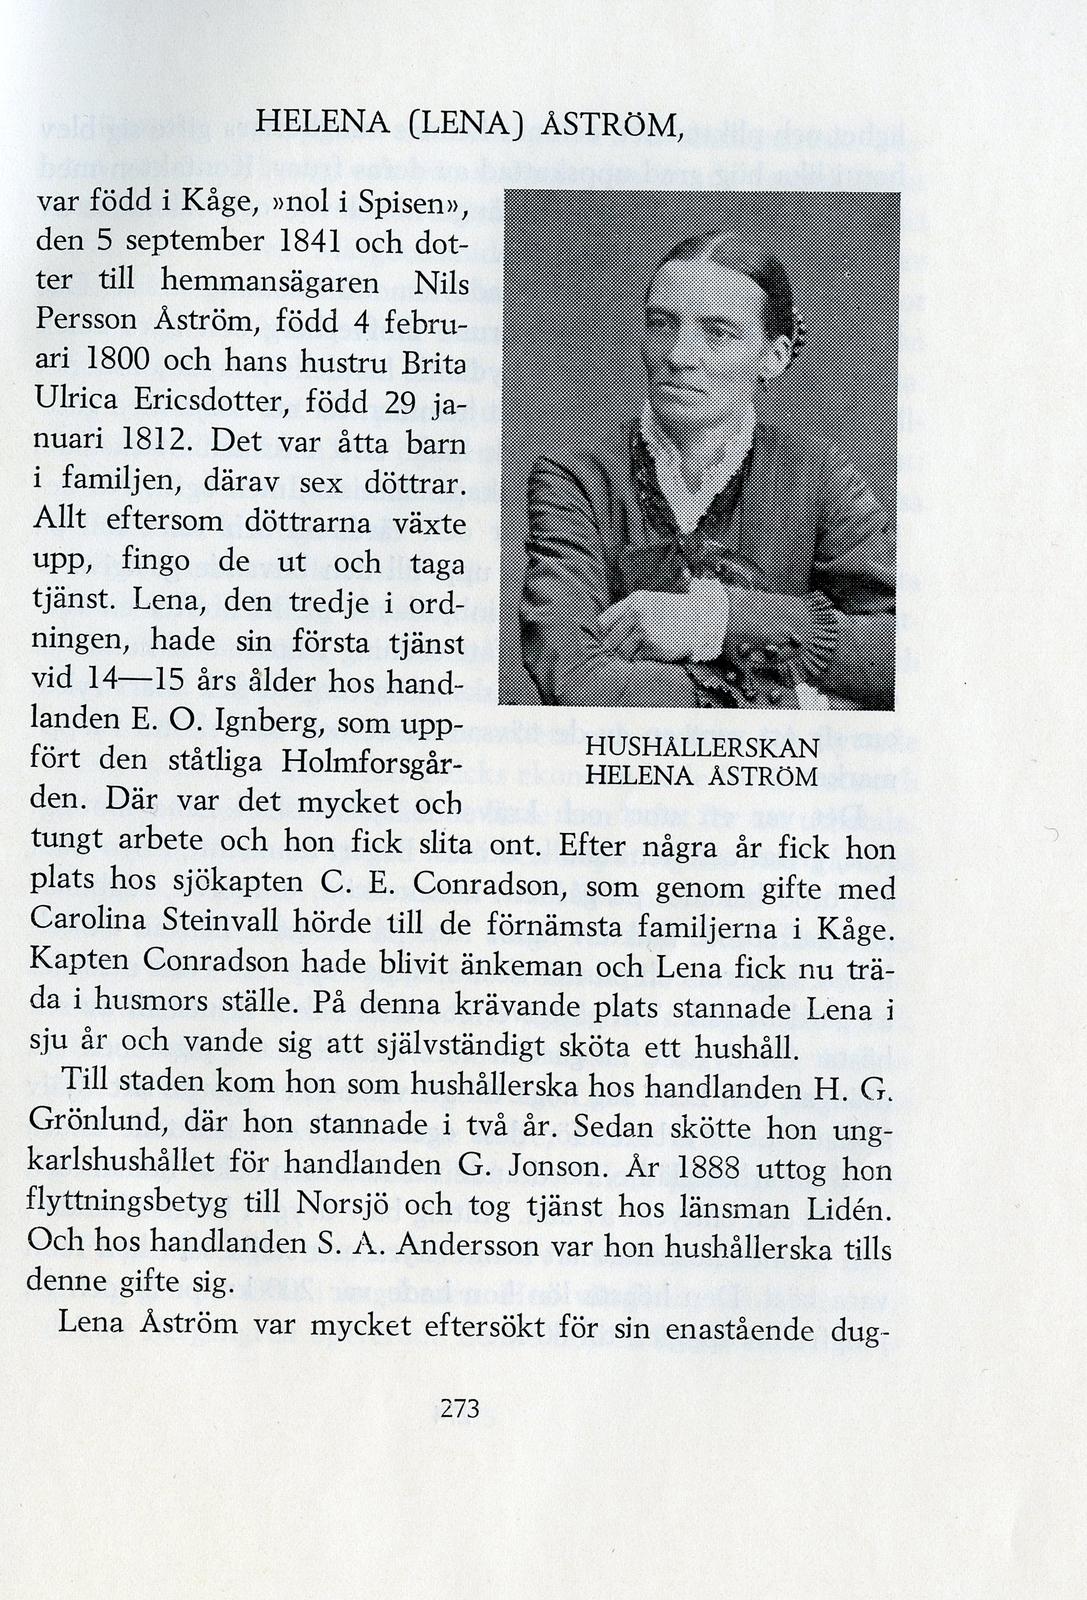 SM_ALB 00039_169_Helena Åström_01.jpg